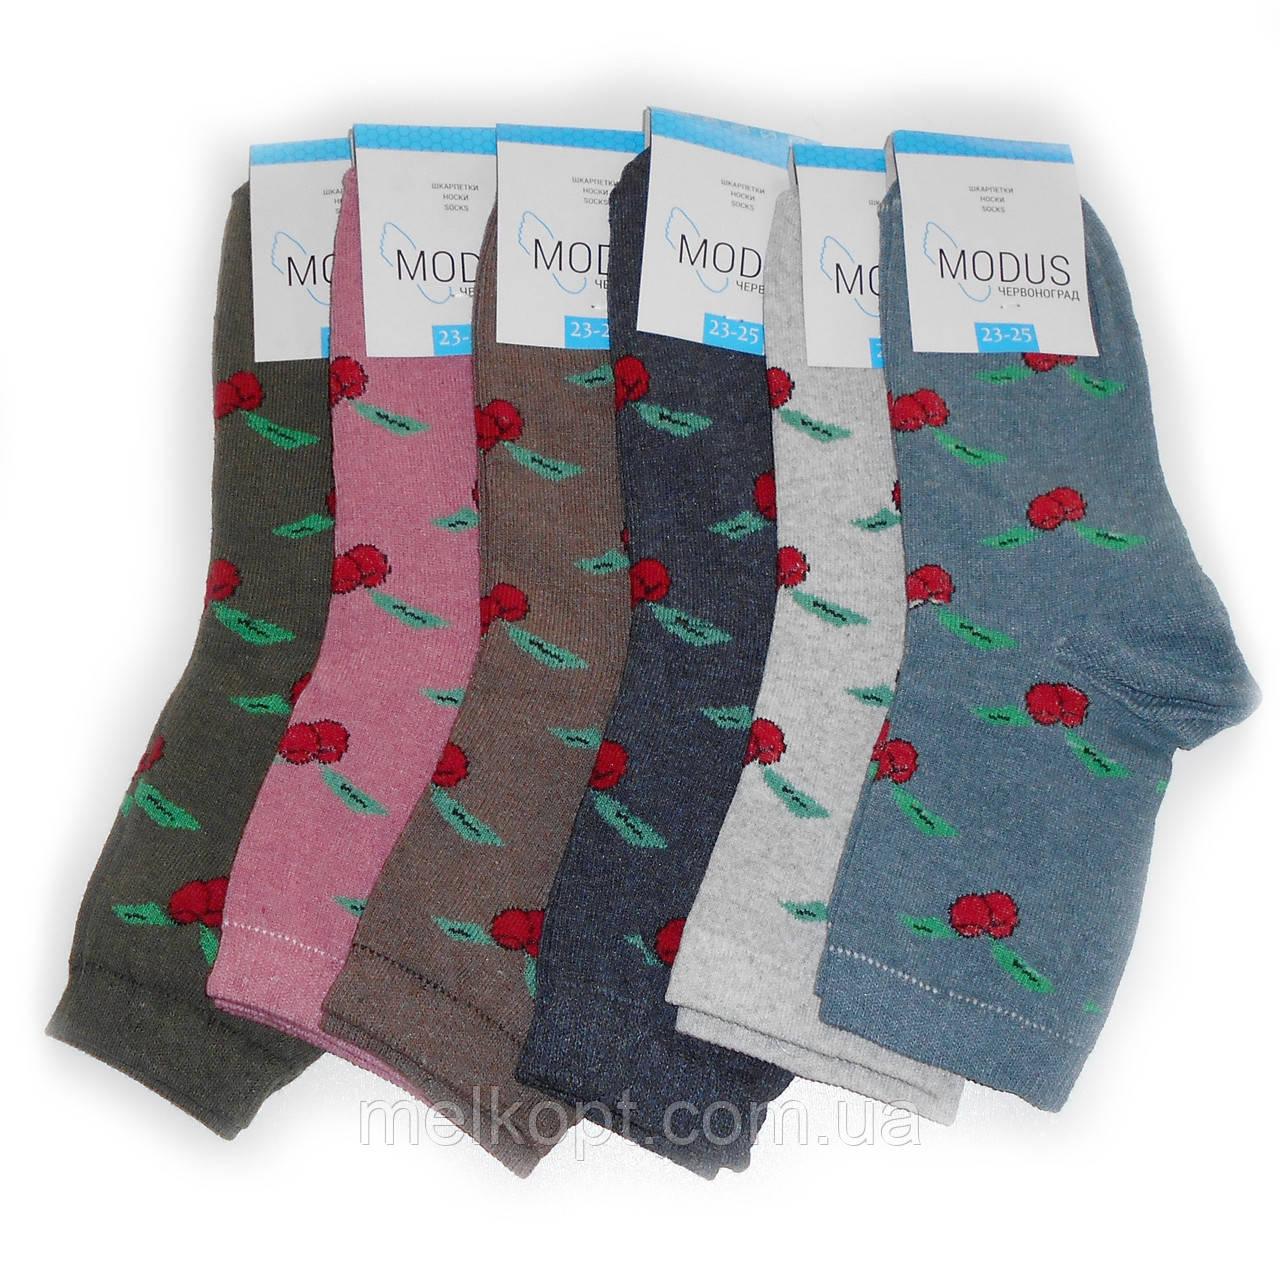 Женские носки Modus - 8,00 грн./пара (вишня)